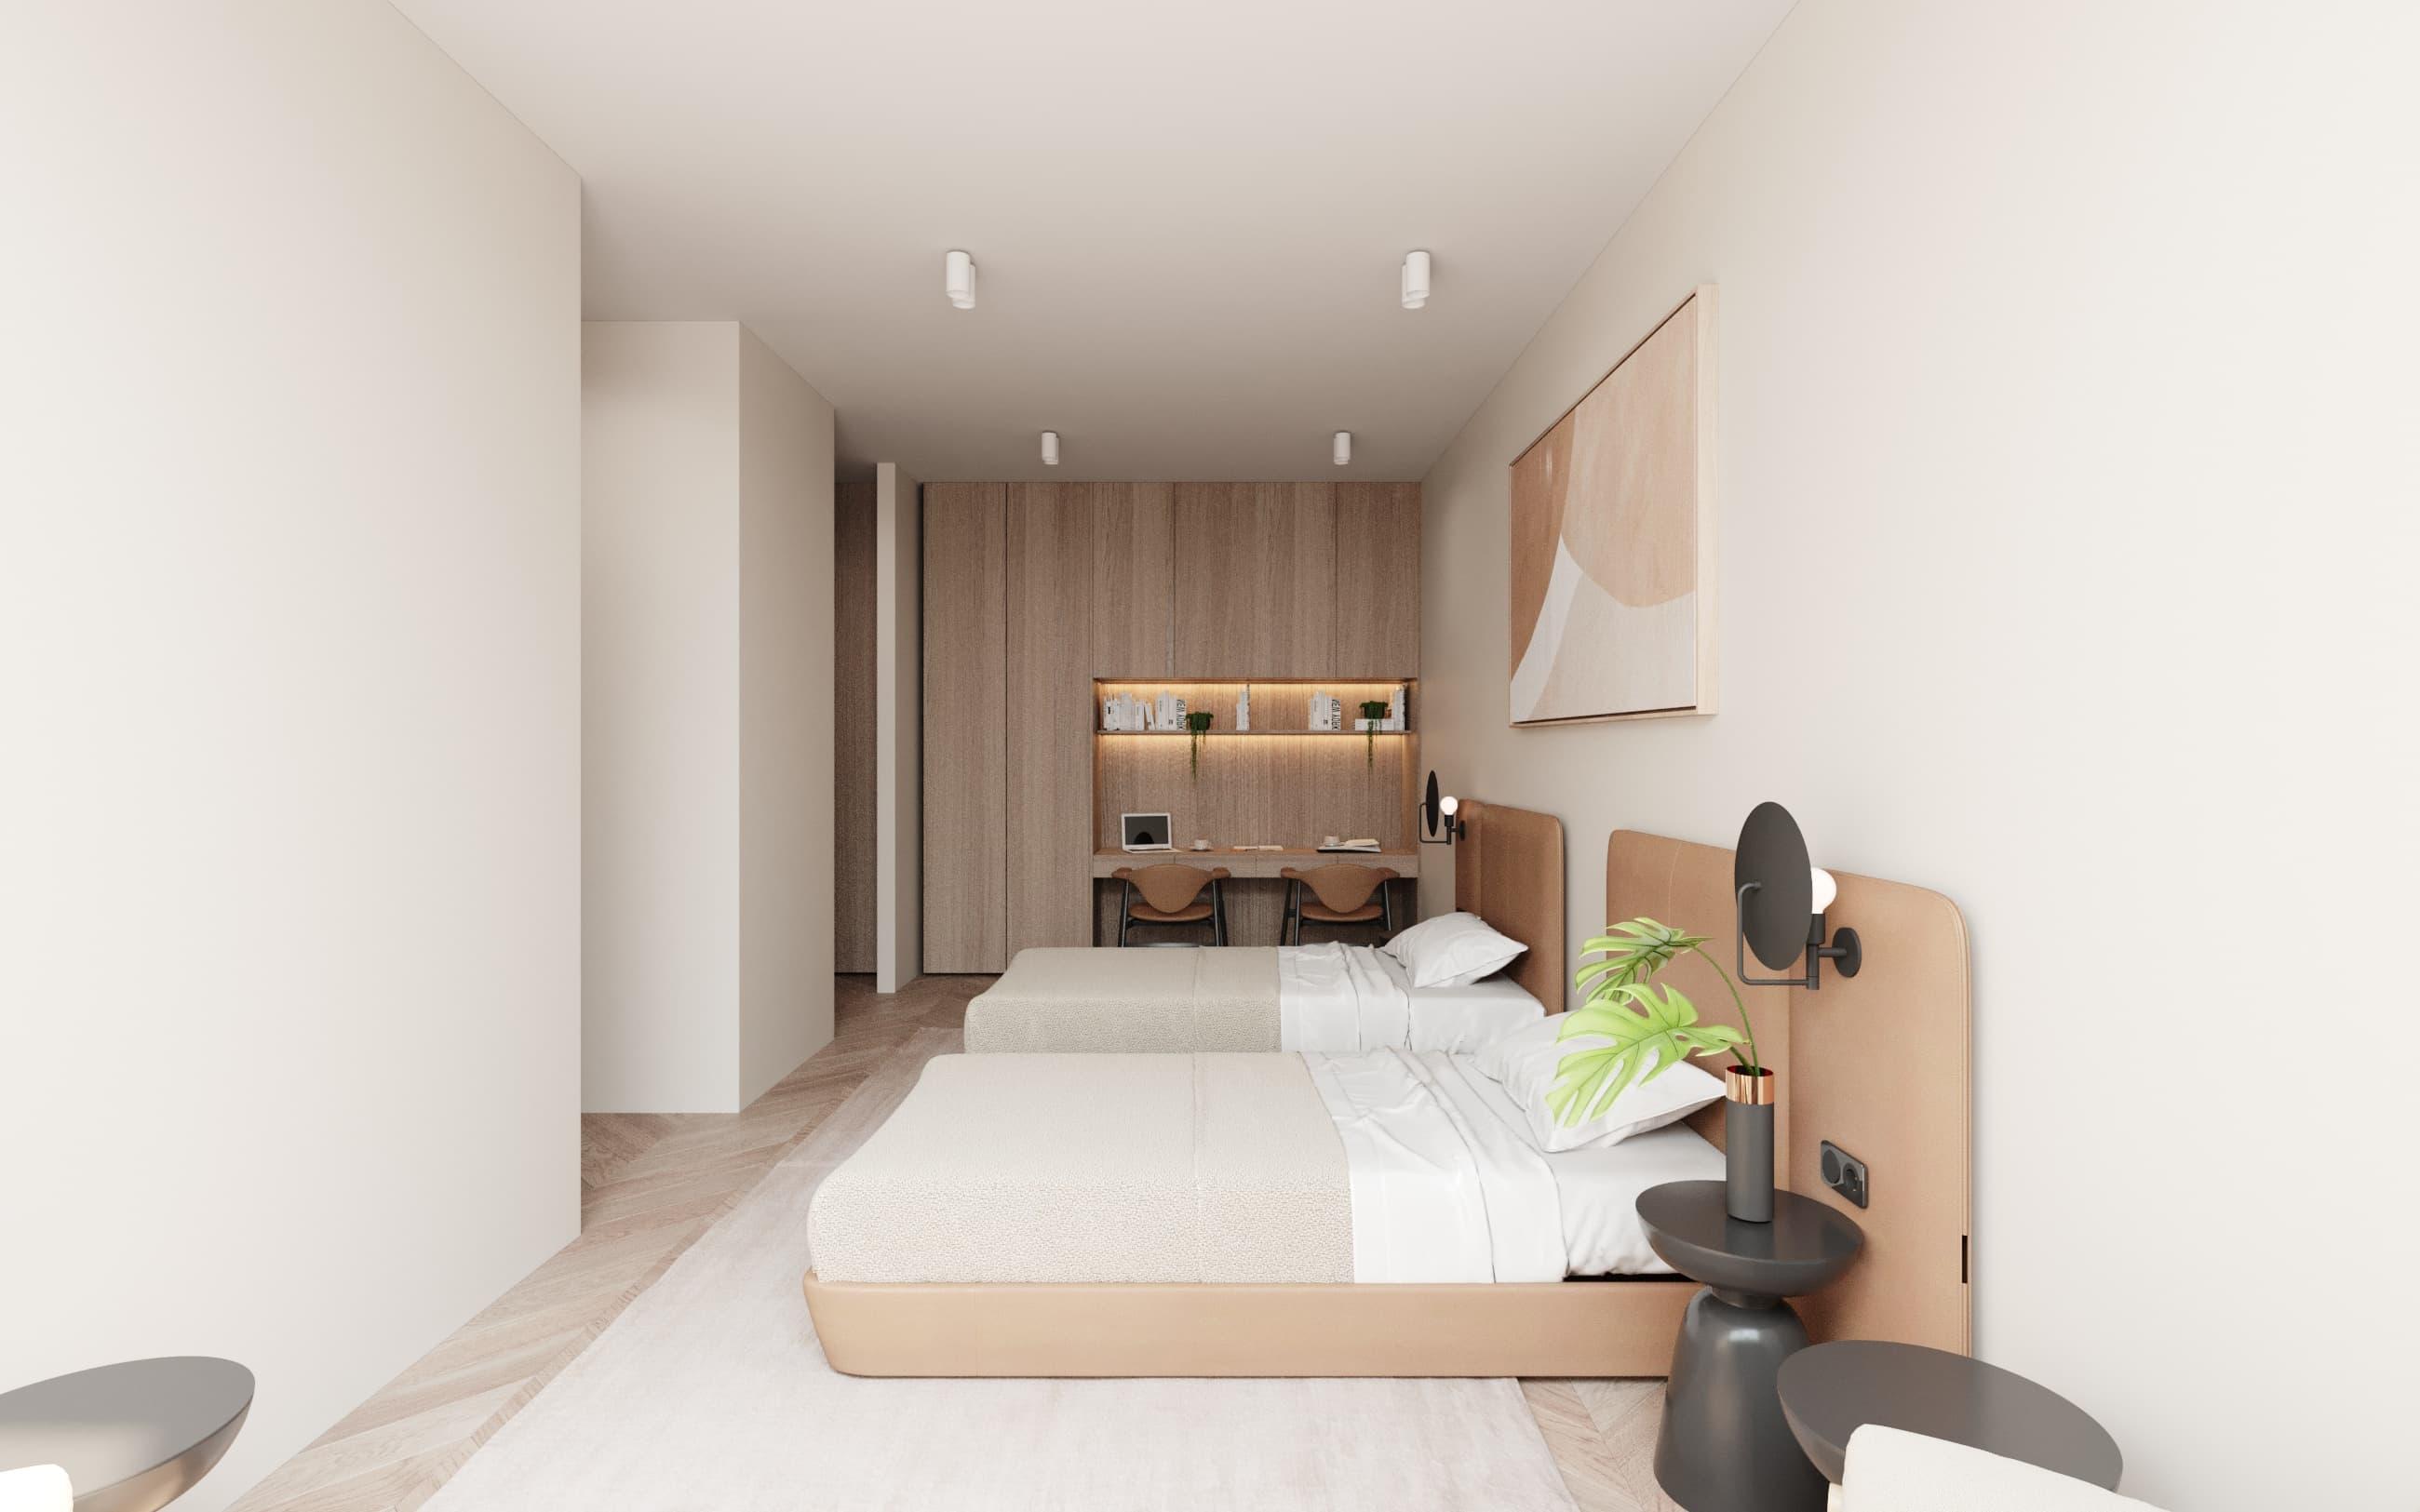 villa designs (27)